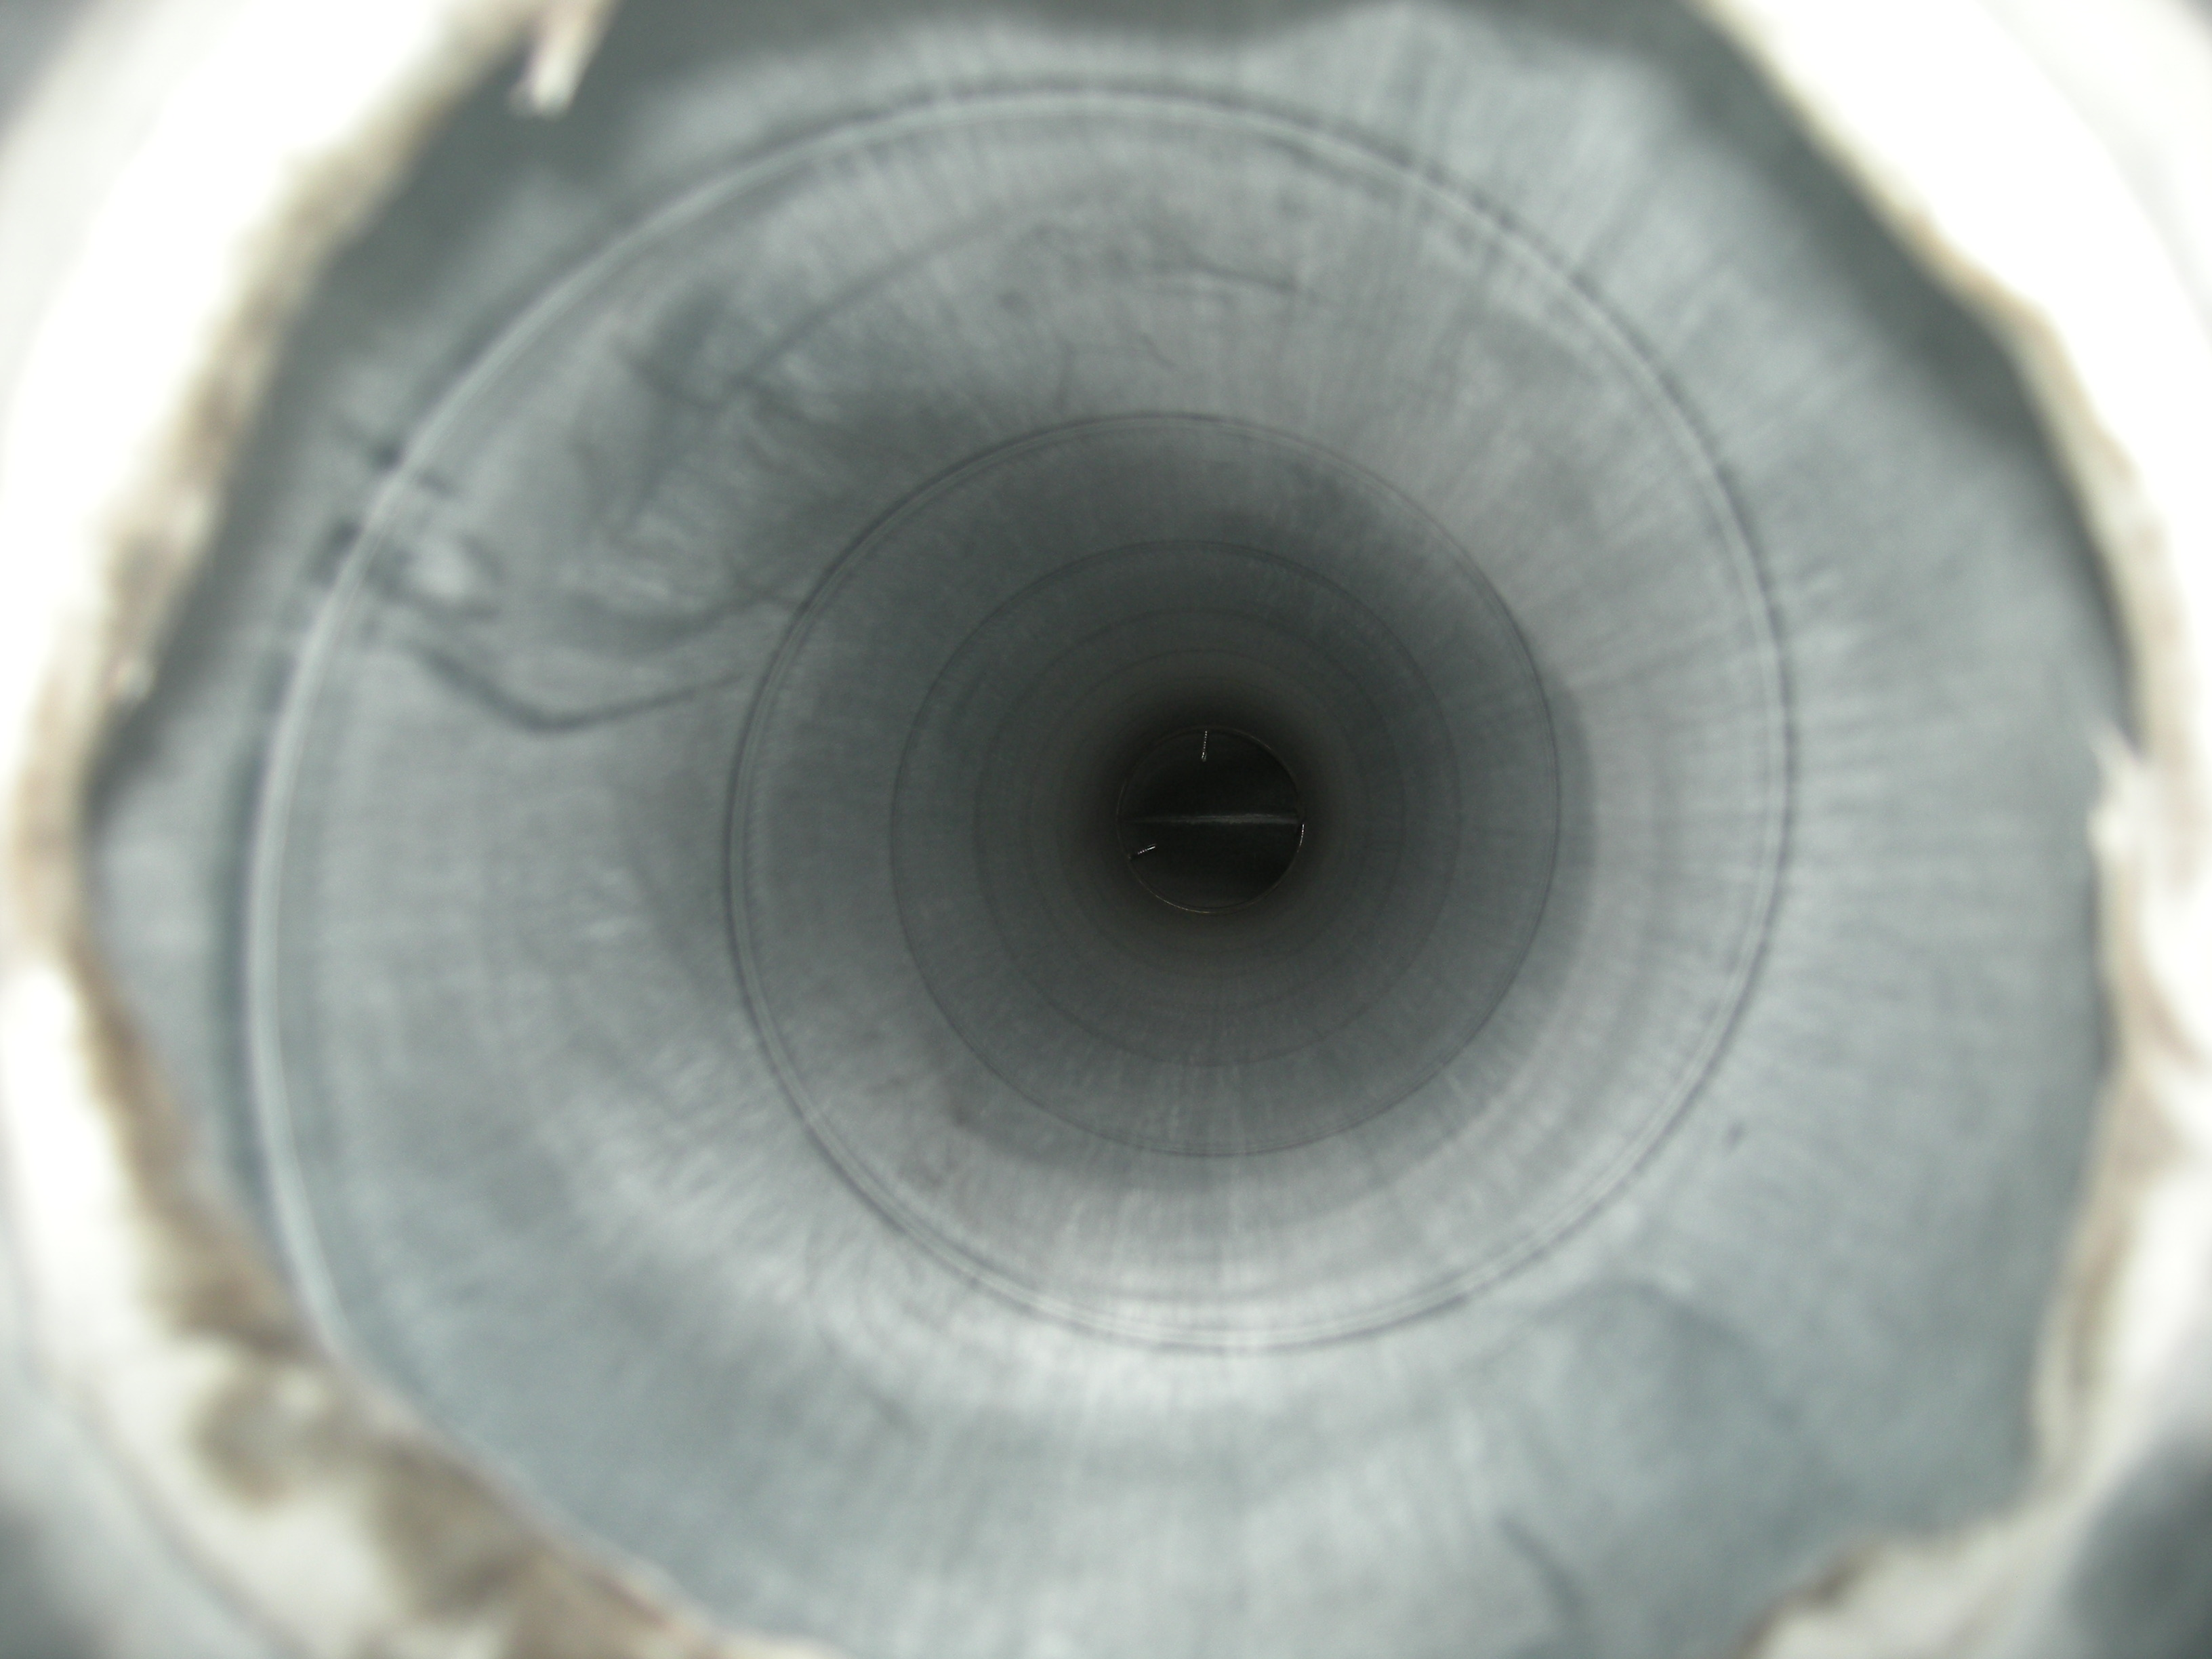 Lüftungsrohr Innen nach der Reinigung